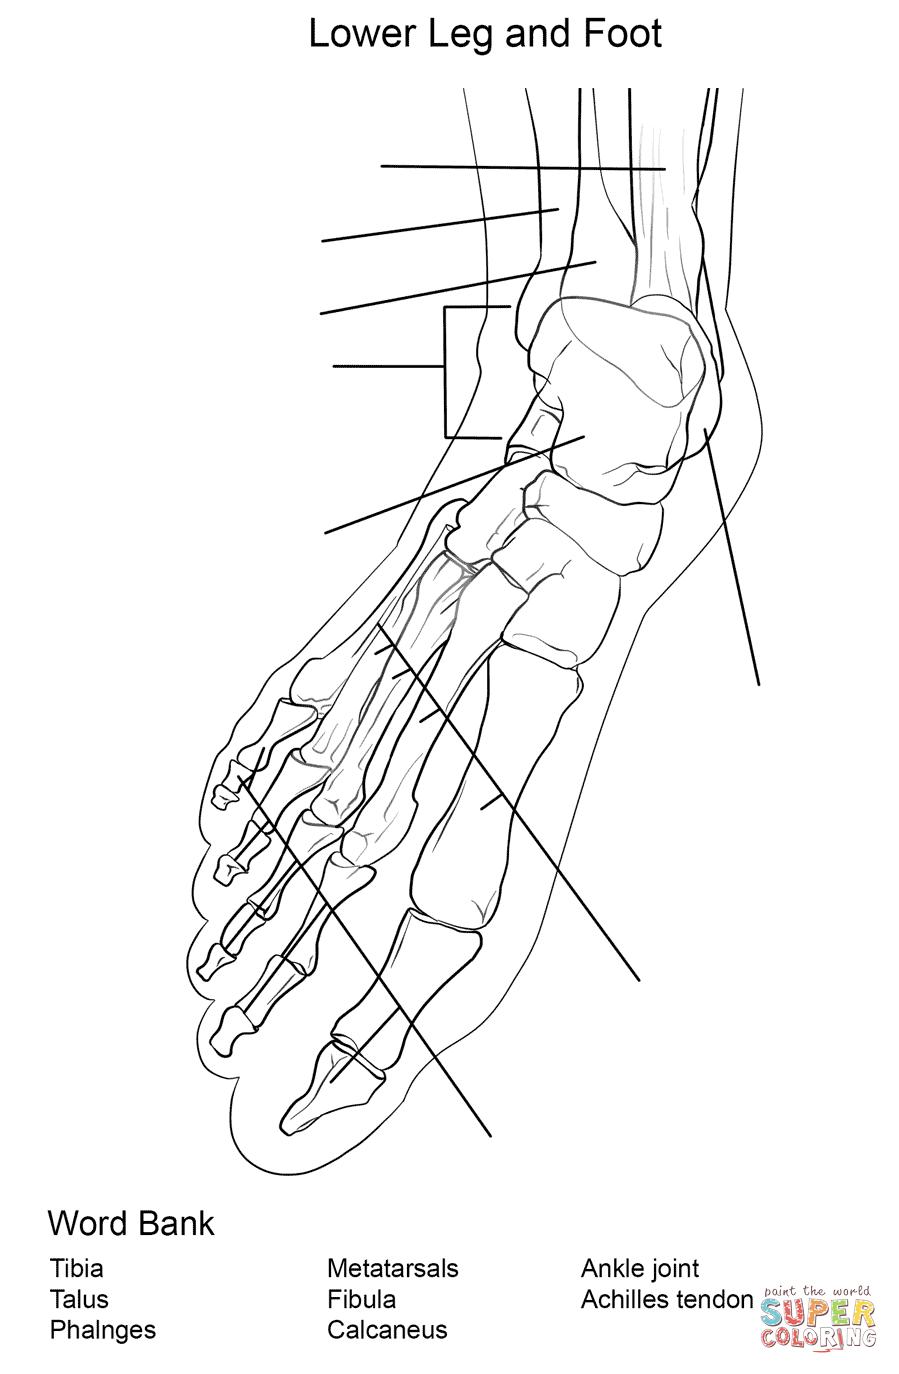 Anatomy Of Bone Coloring Foot Bones Worksheet Page Free Printable